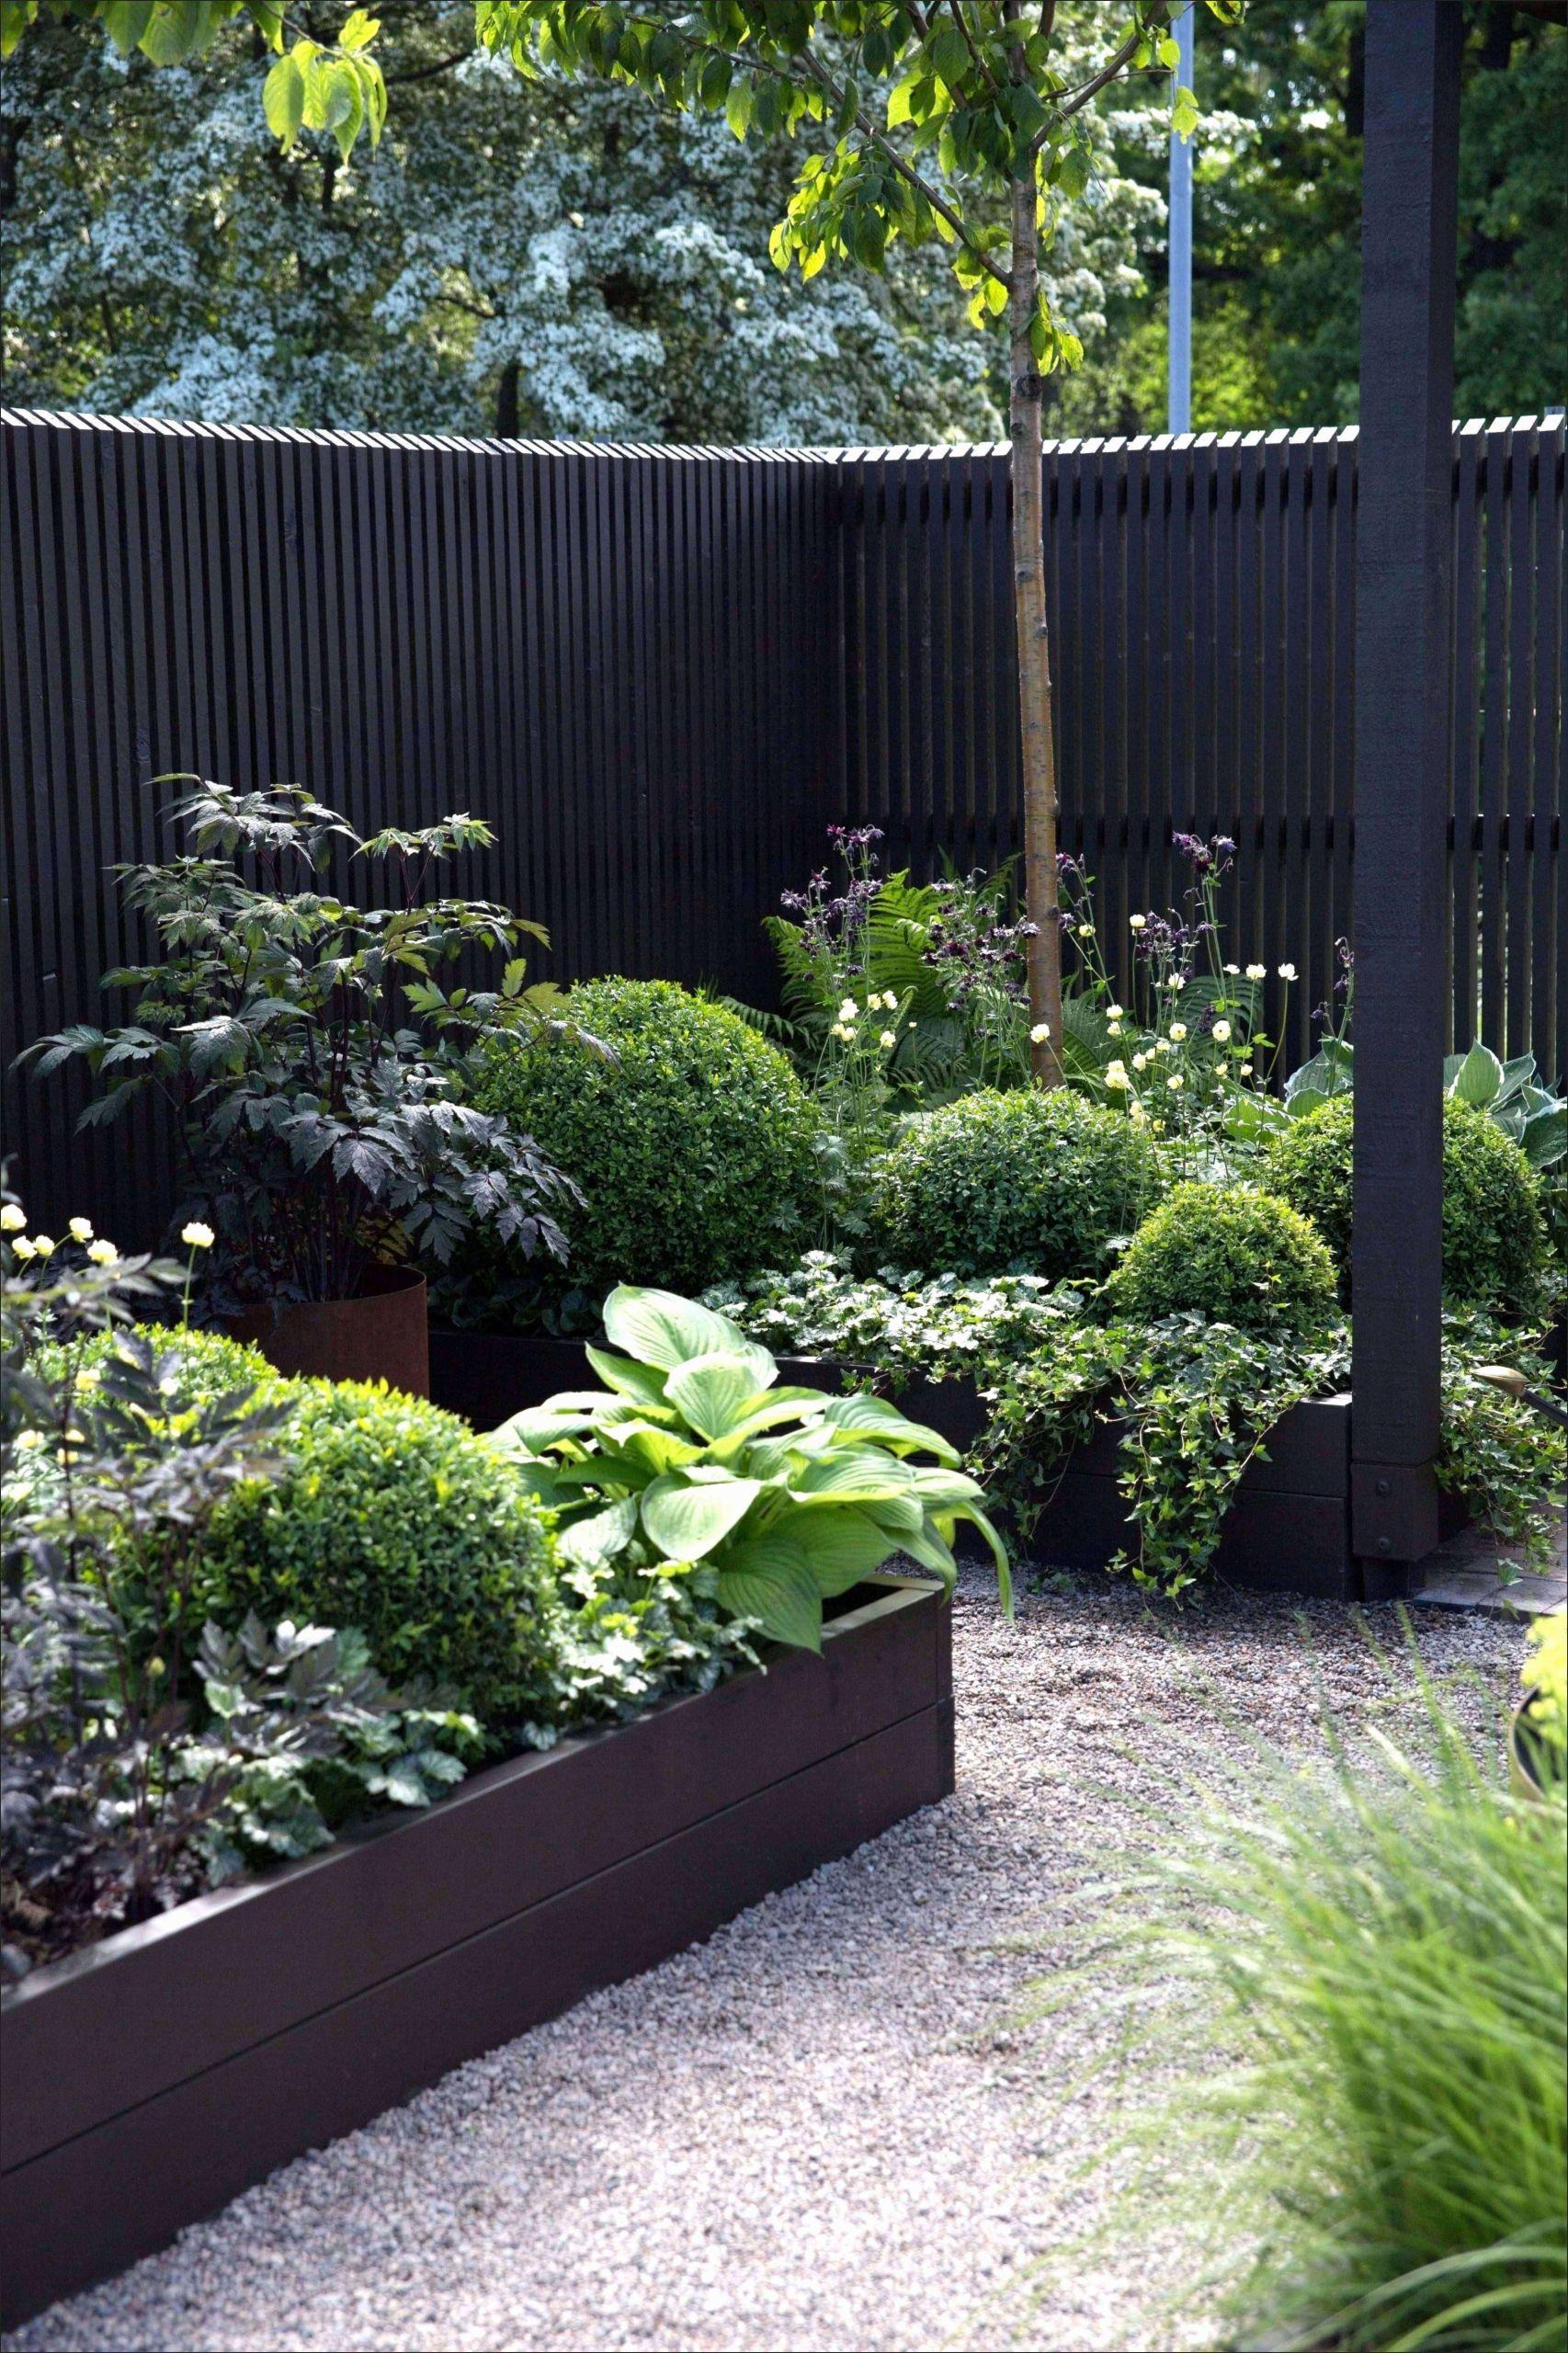 Deko Ideen Für Hauseingang Frisch Kleine Gärten Gestalten Reihenhaus — Temobardz Home Blog